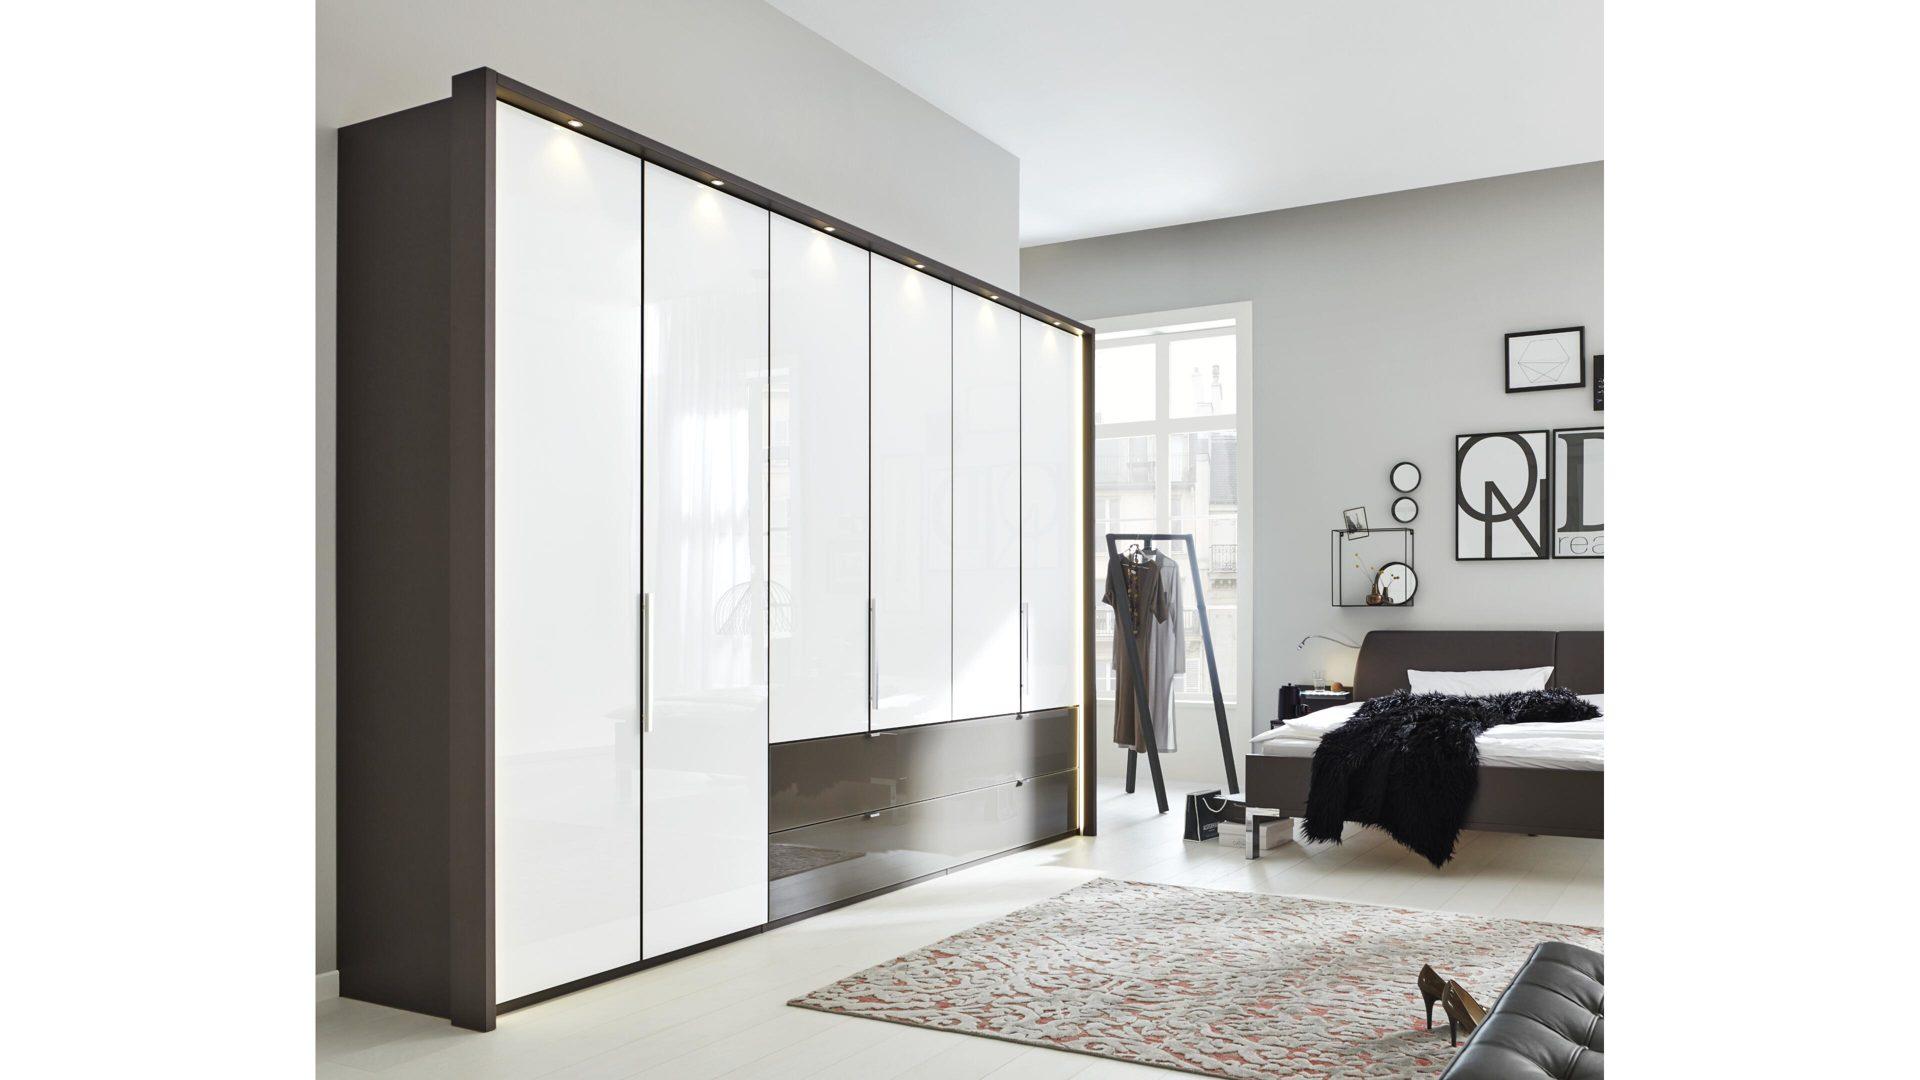 Interliving Schlafzimmer Serie 1006 – Kleiderschrank, alpinweiße &  havannafarbene Kunststoffoberflächen – sechs Türen